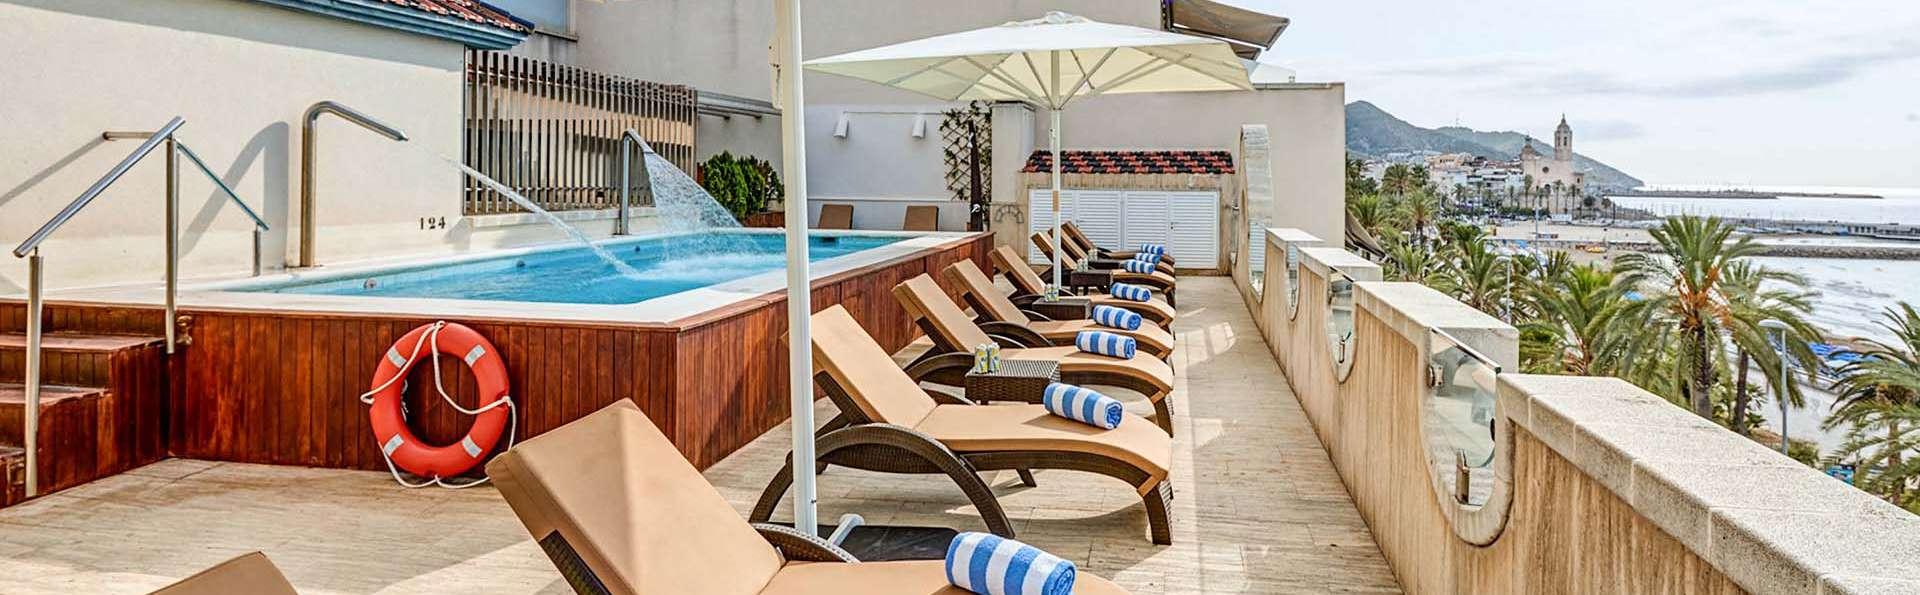 Kalma Sitges Hotel - EDIT_Hotel_Kalma_Editar_13.jpg